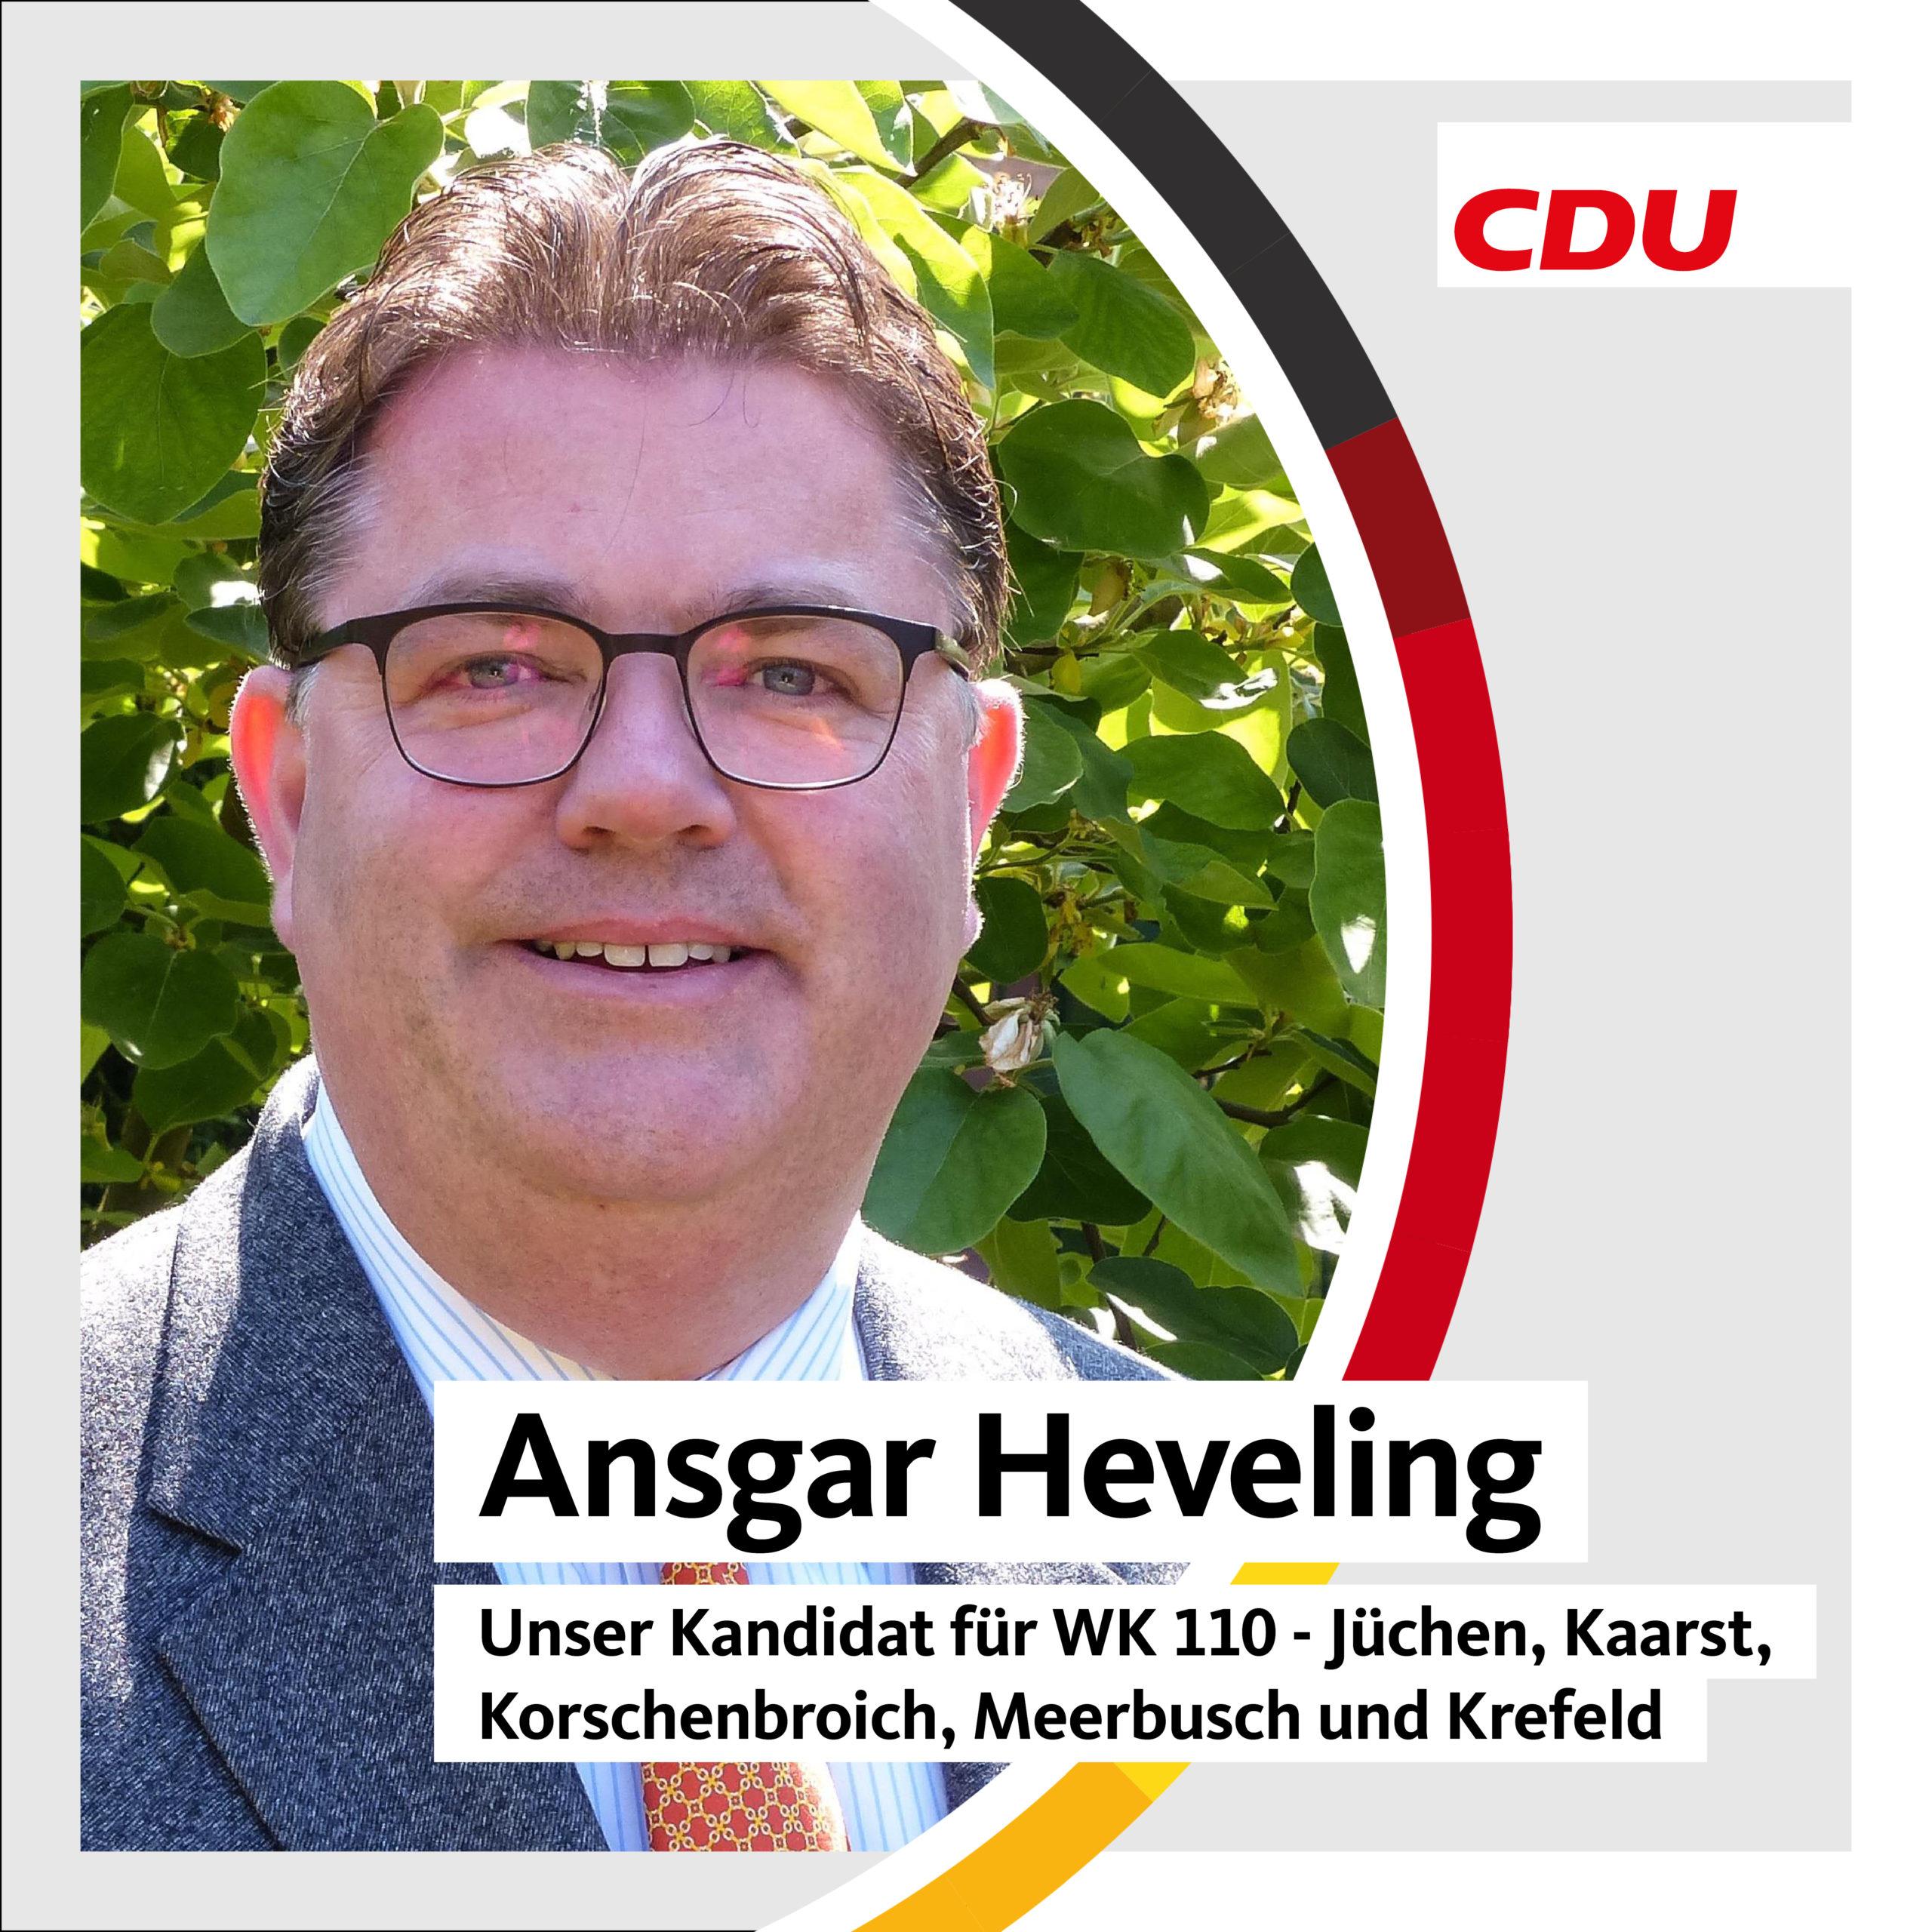 Ansgar Heveling erneut für Bundestagswahl aufgestellt